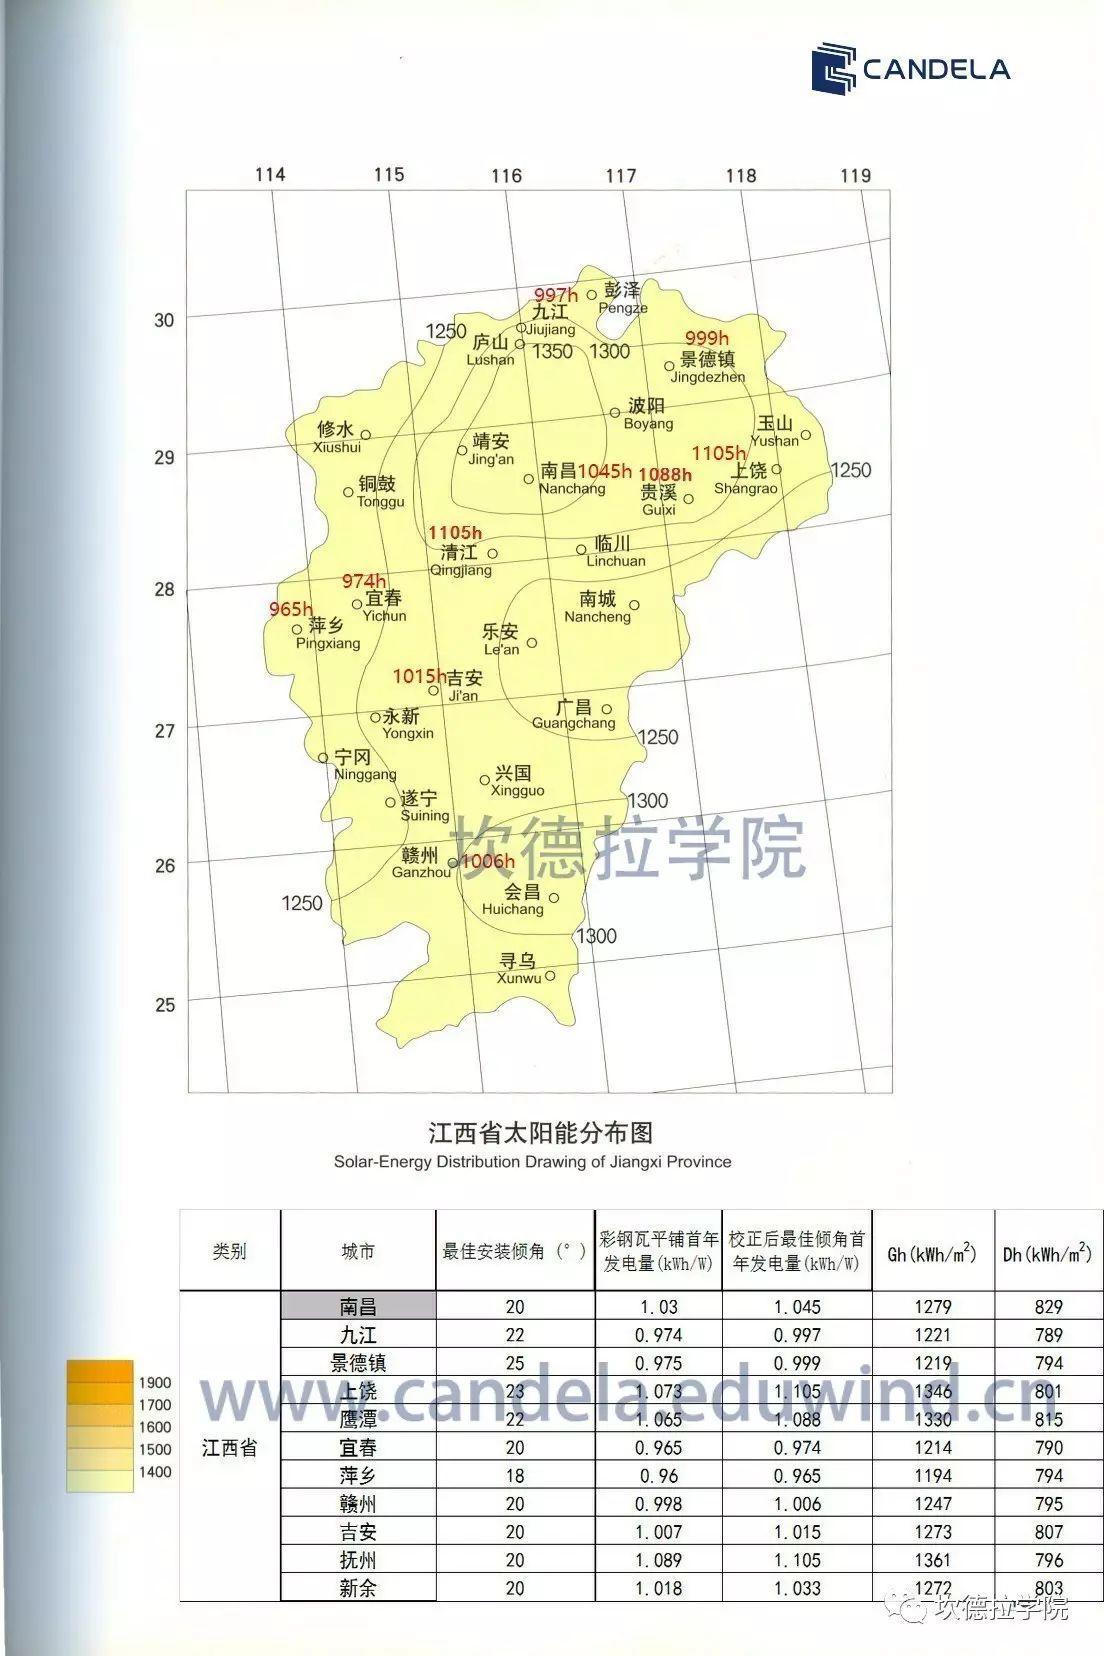 覆盖360个主要城市的太阳能发电量地图